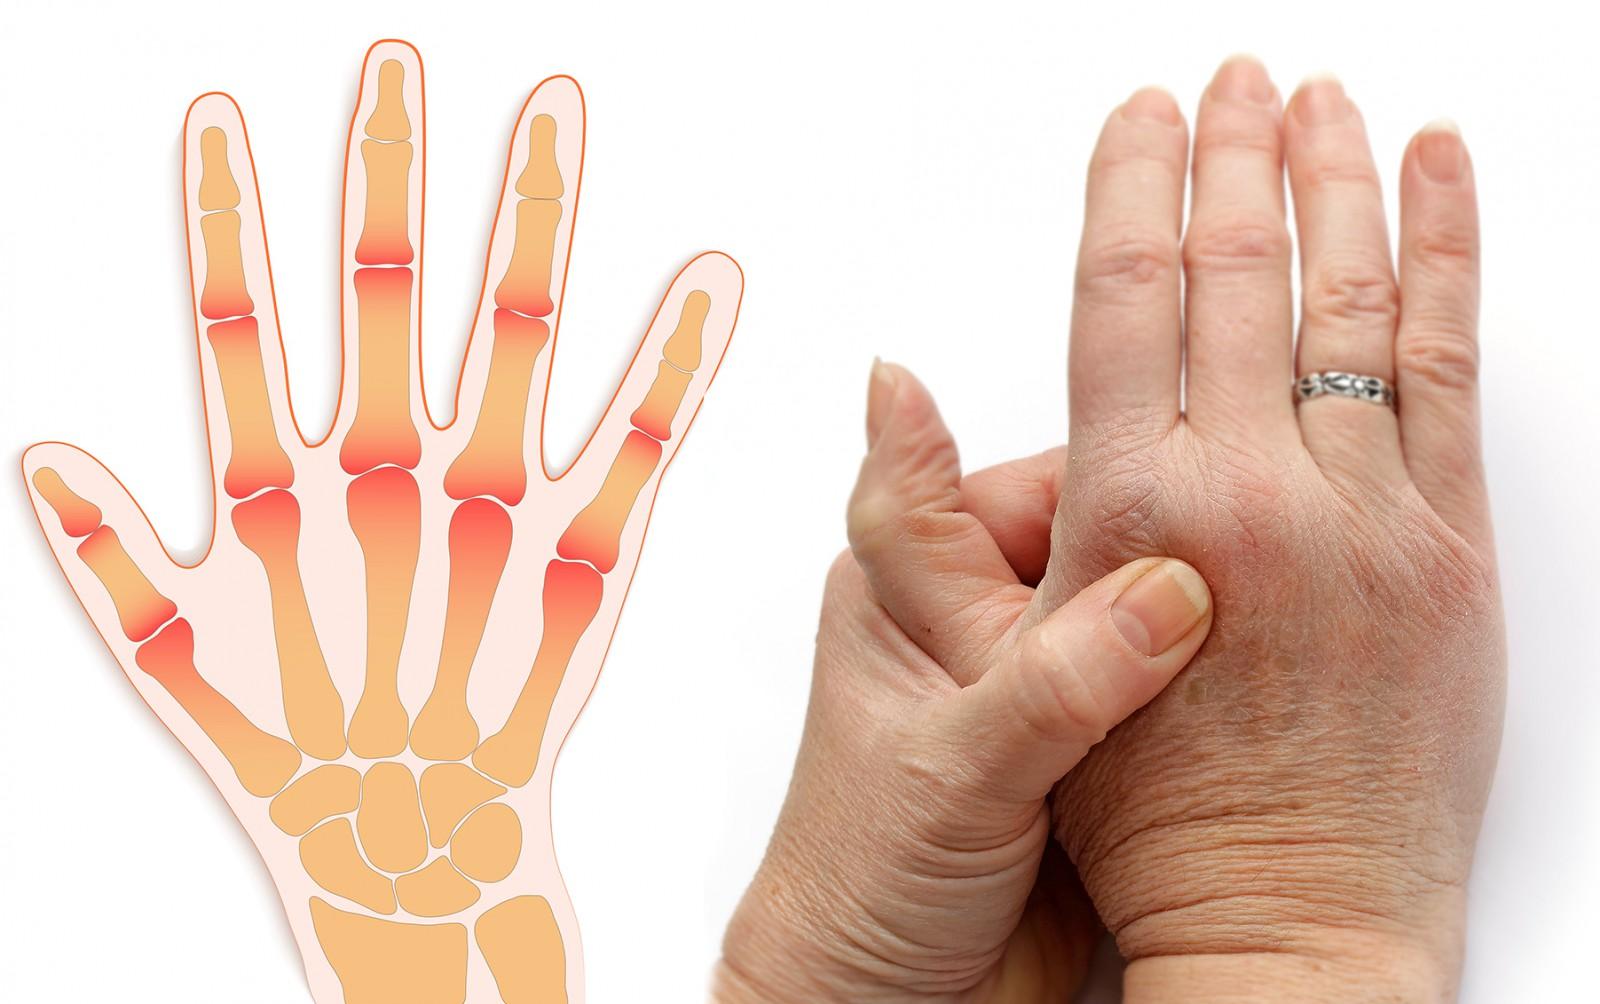 боль в суставах пальца должно быть сделано